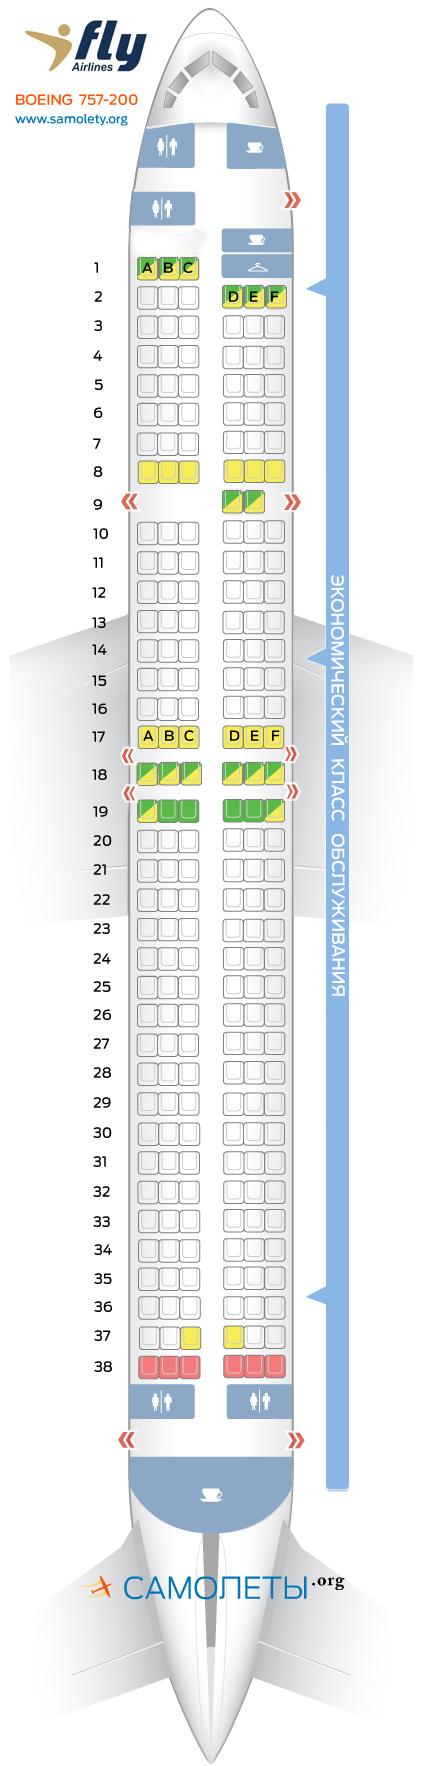 схема салона boeing 767-300 и фотографии самолетов